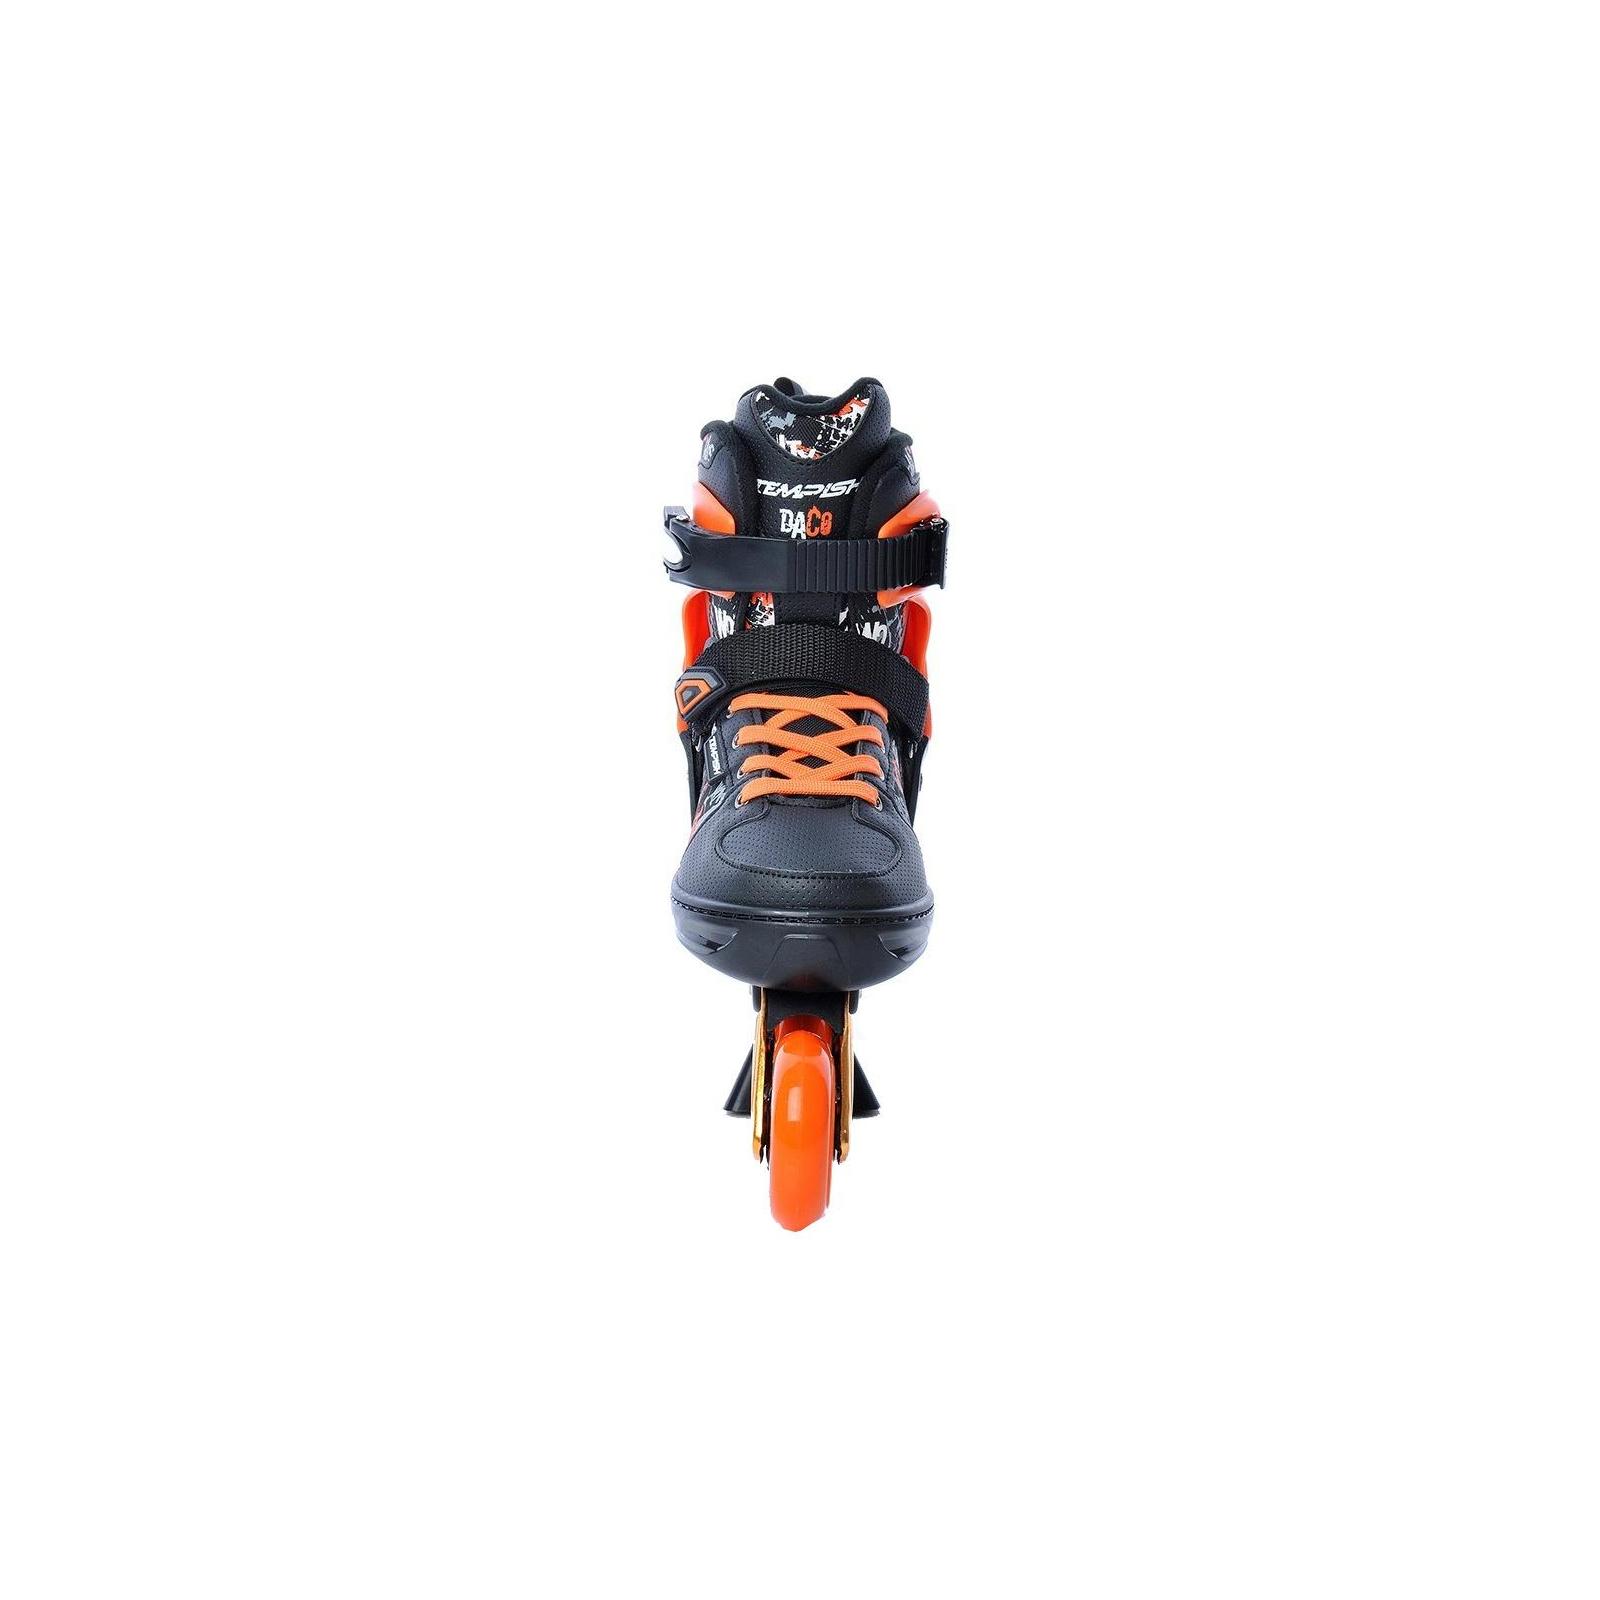 Роликовые коньки Tempish DACO black/40-43 1000027/BLACK/40-43 (1000027/BLACK/40-43) изображение 5